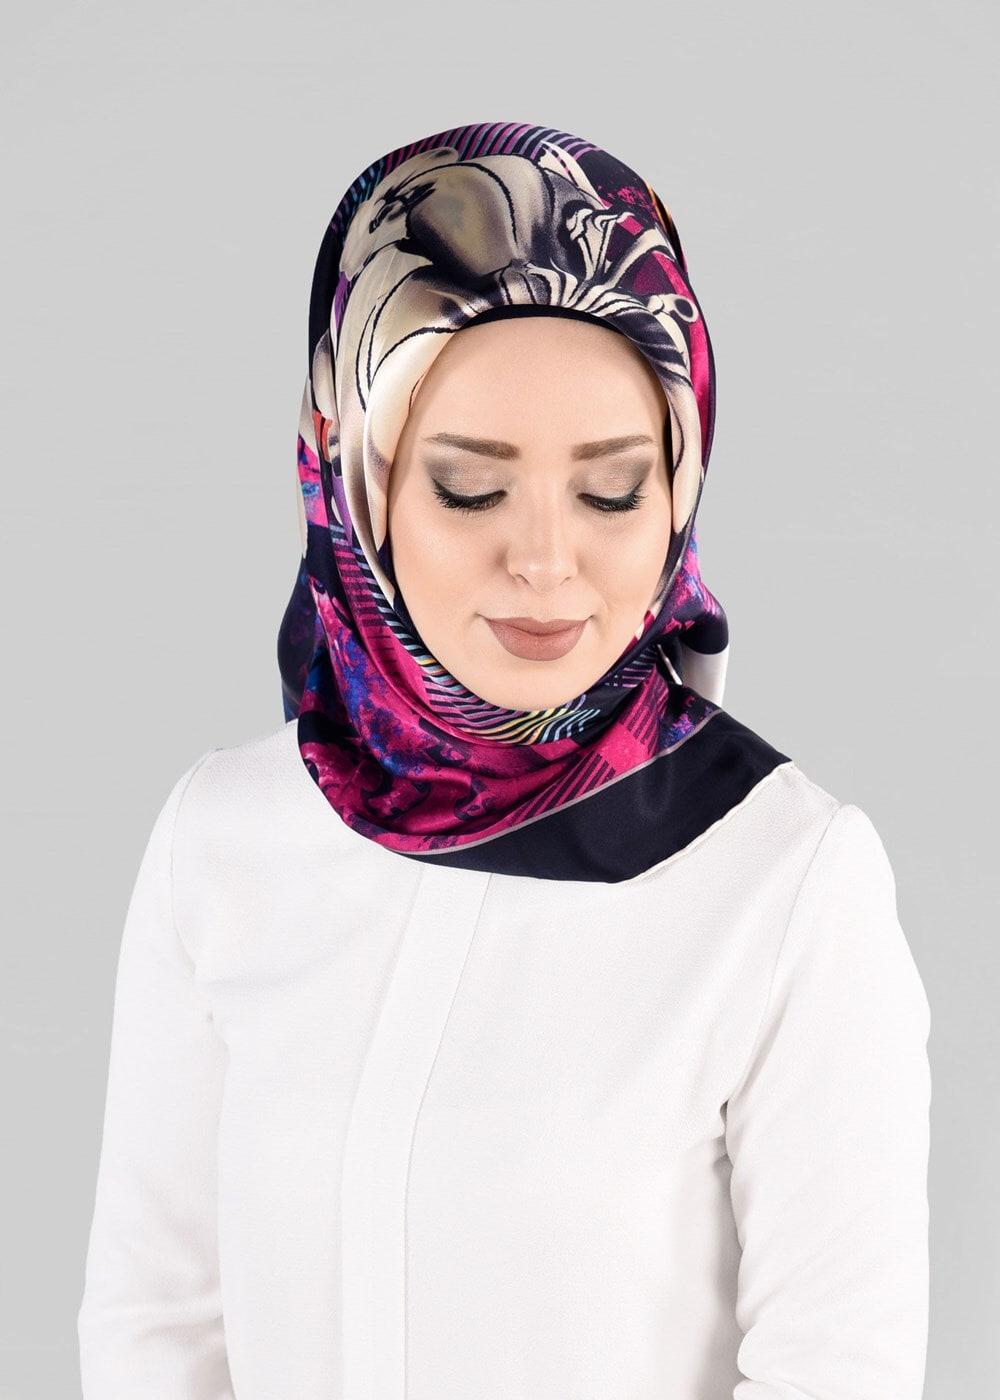 Bayan SİYAH T 12966-1 ALVİNA İPEK EŞARP-ALVİNA